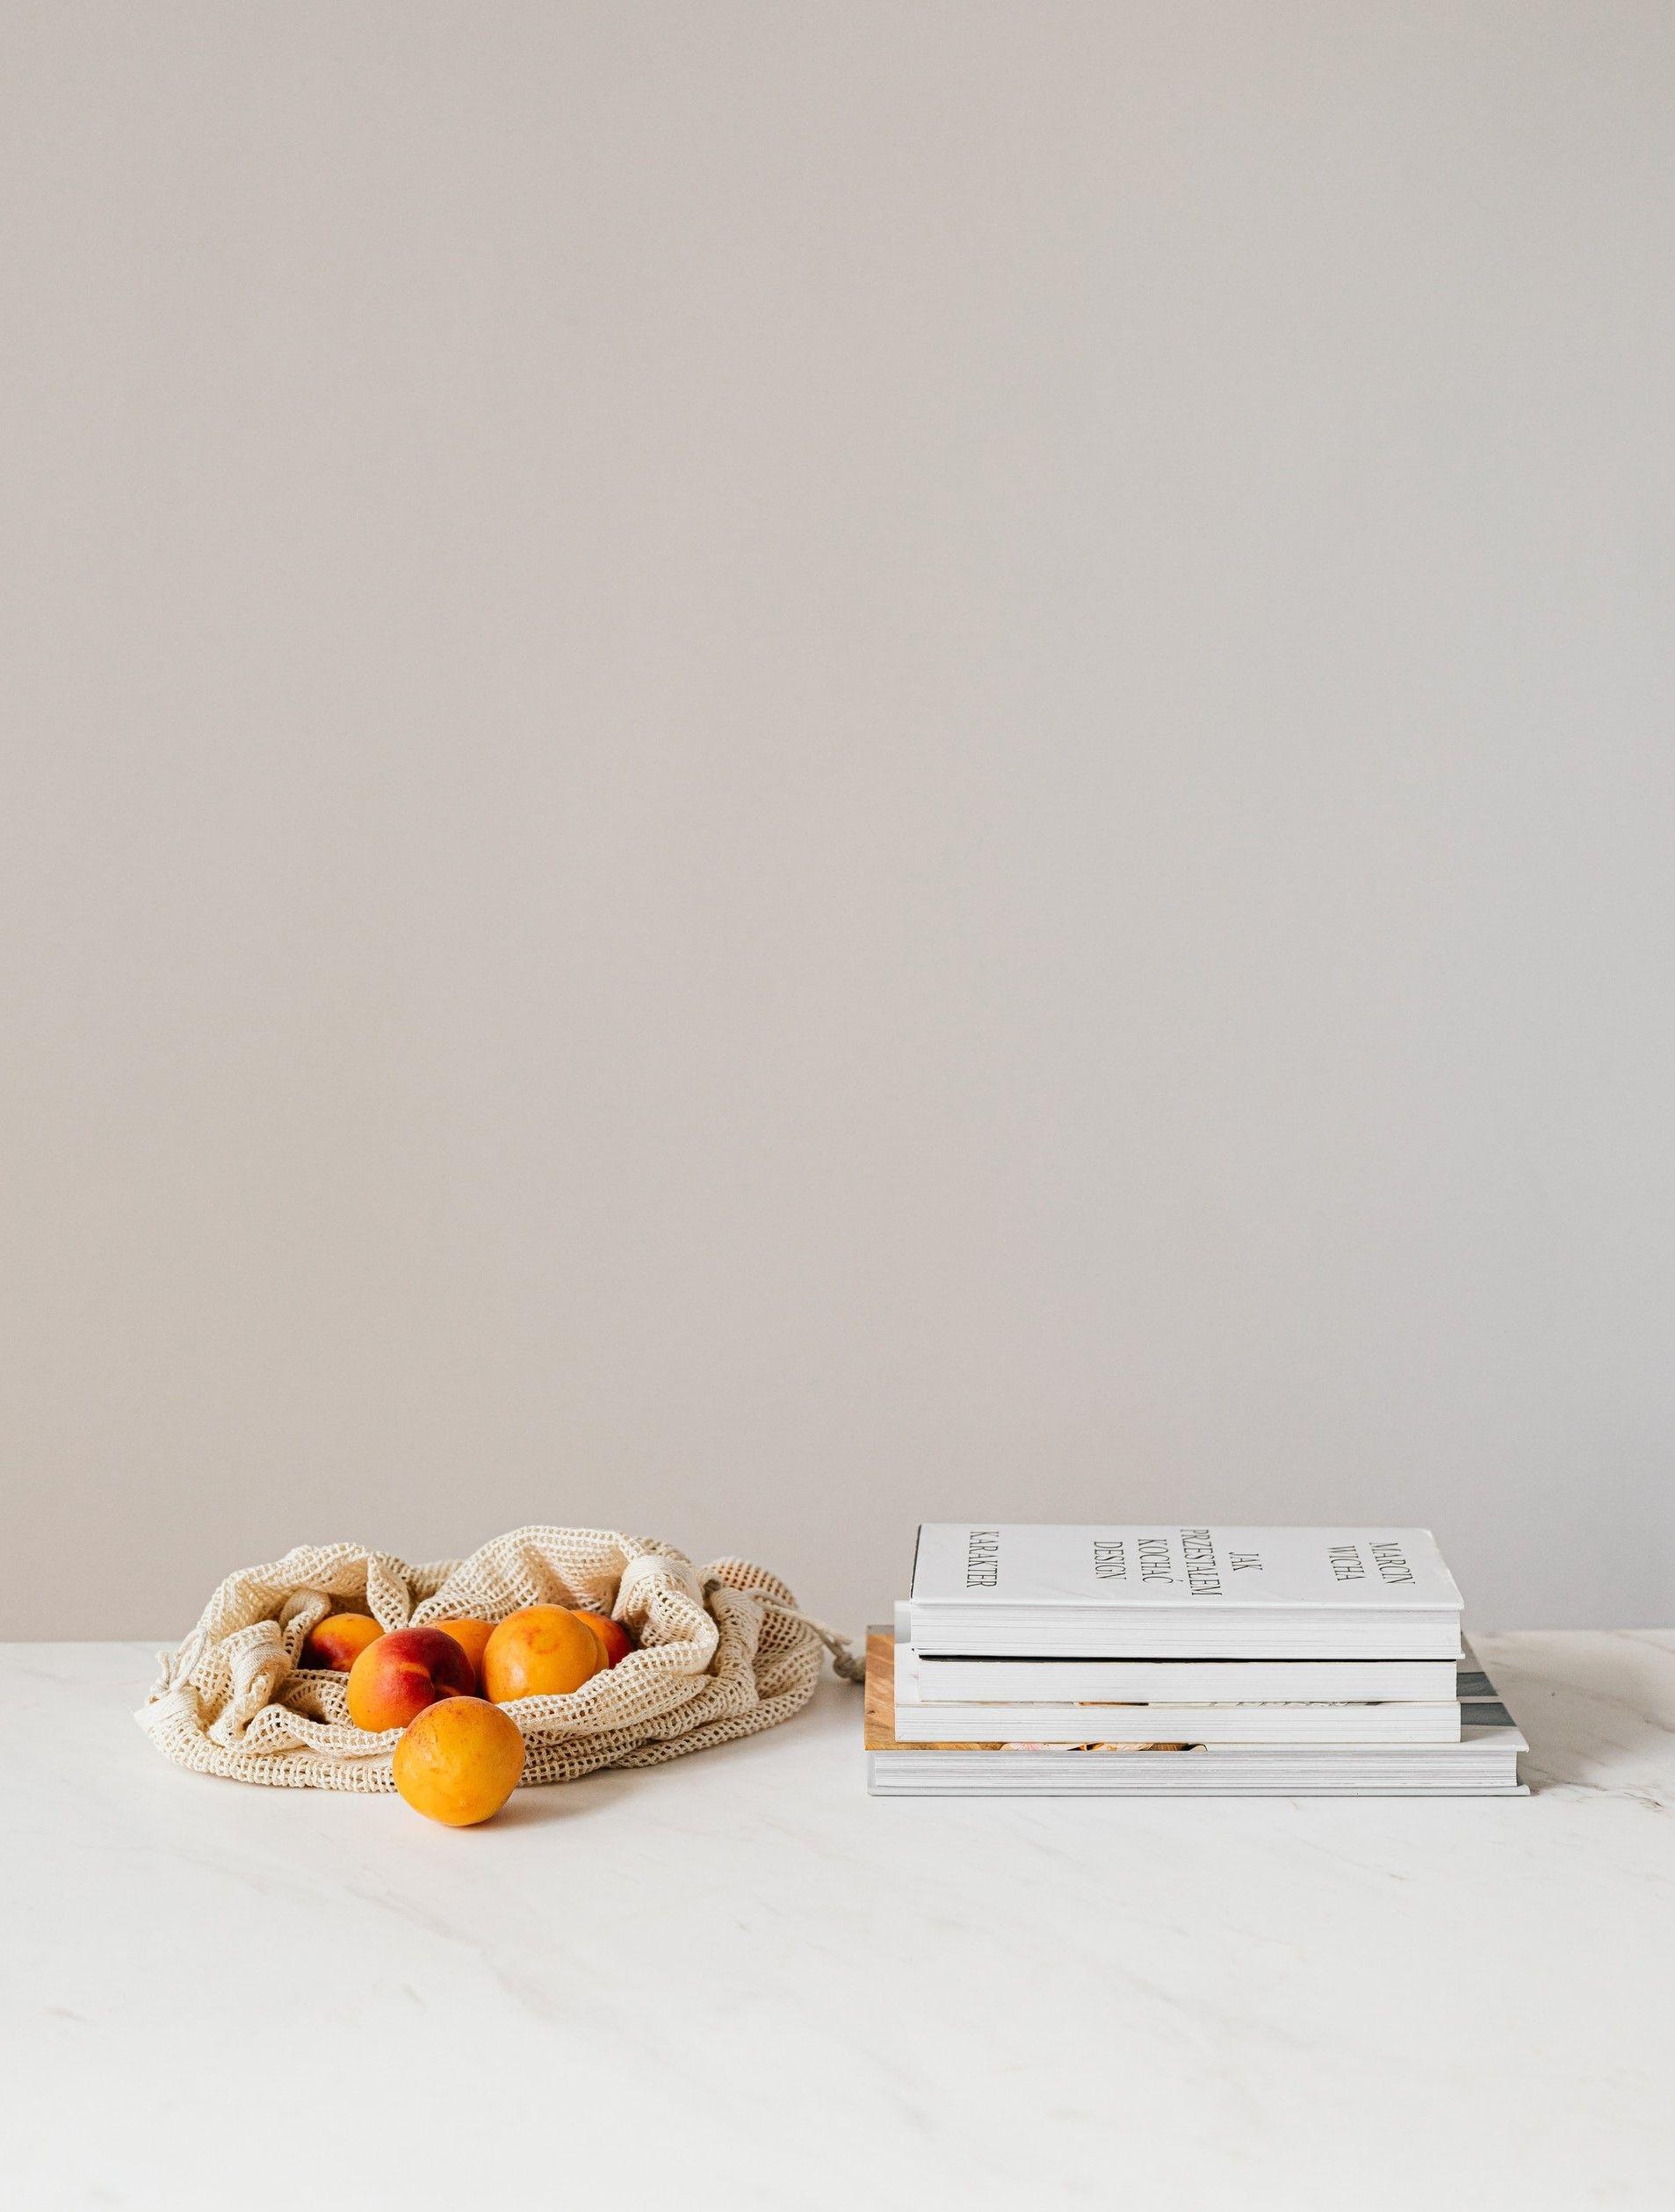 На картинке с бежевым фоном стоит стол на котором лежит связка апельсинов и книги